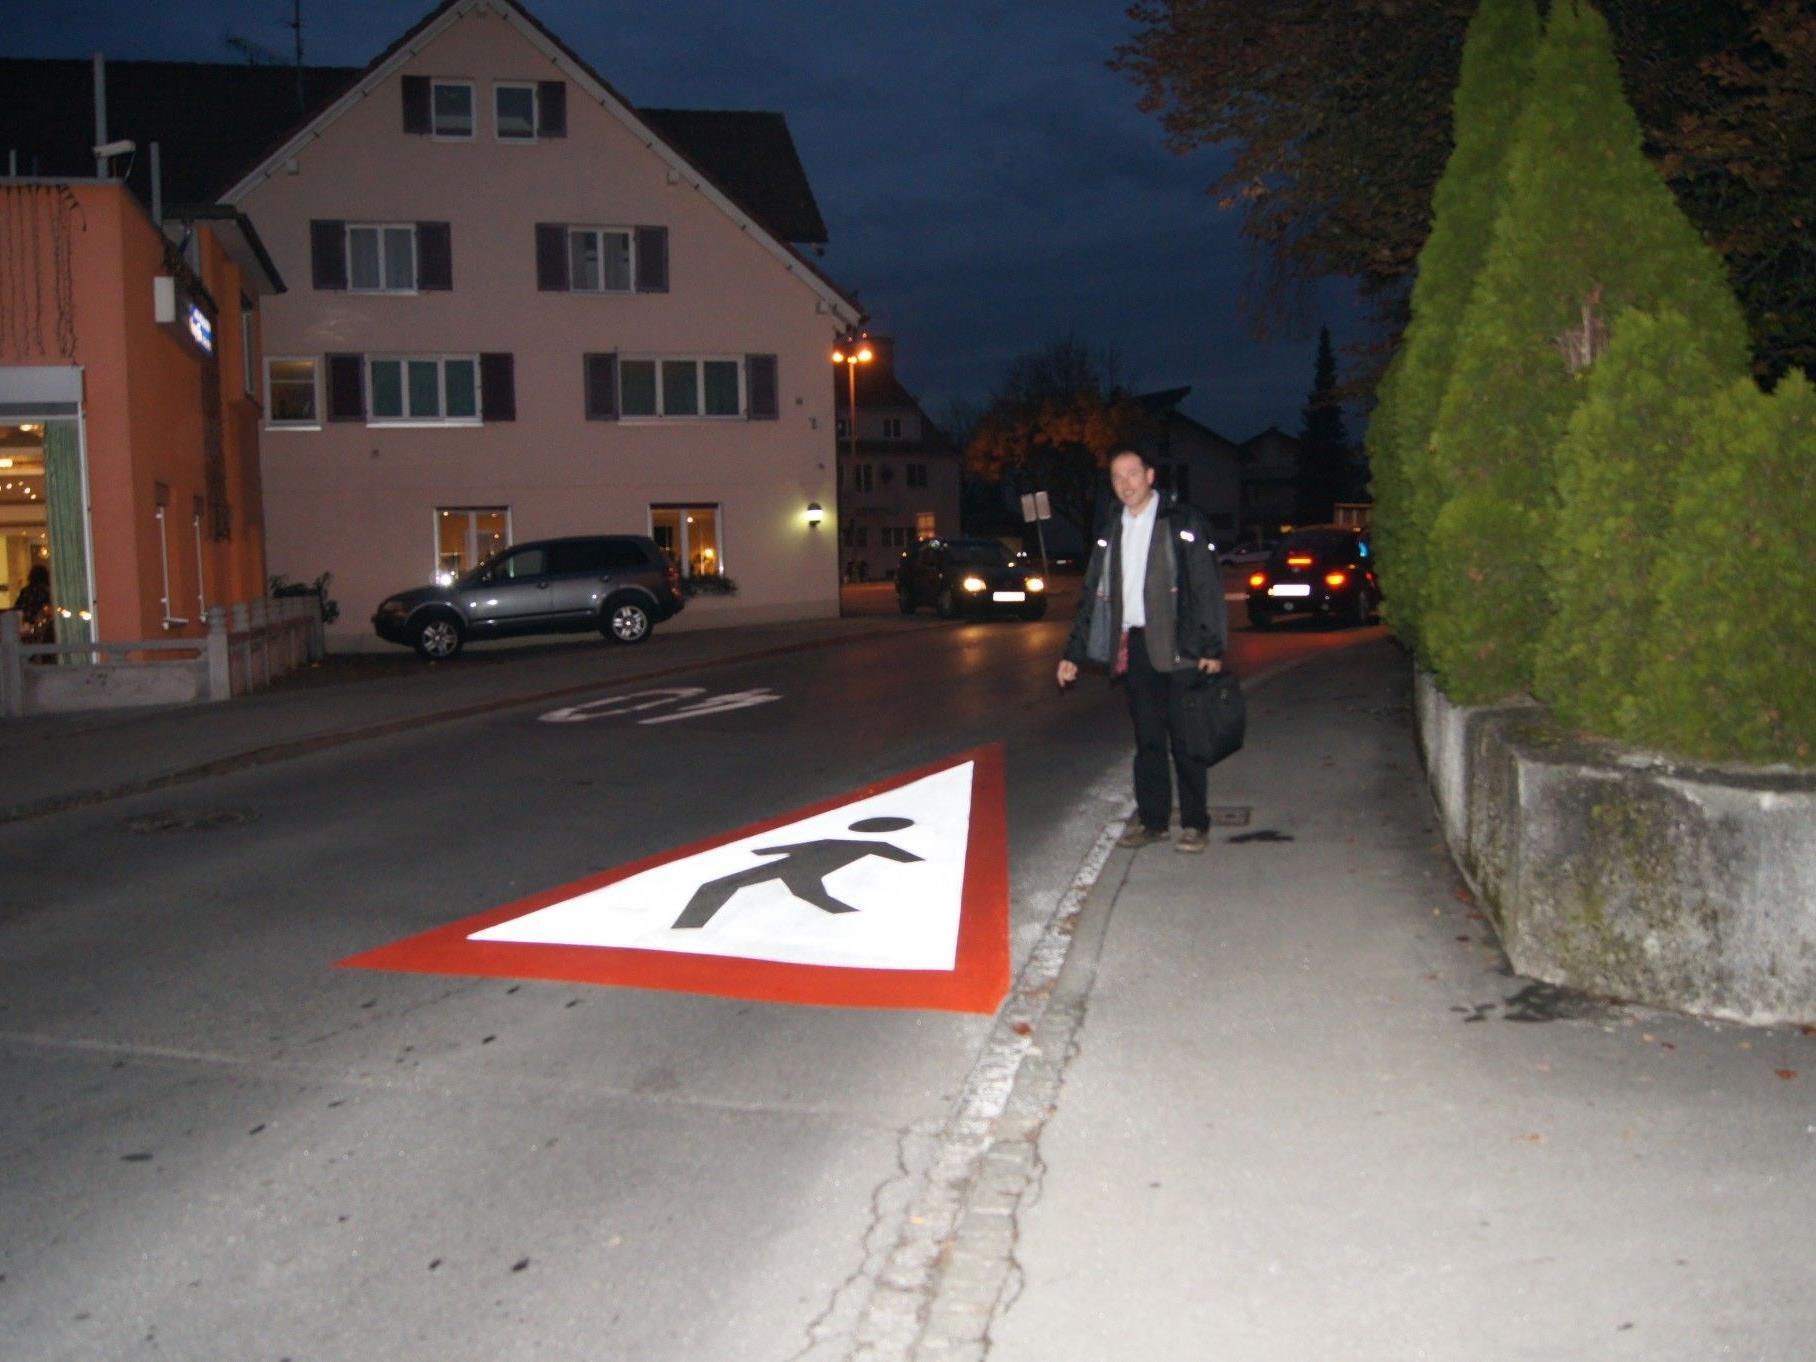 Auch in der Dunkelheit gut sichtbar: Die neue Bodenmarkierung vor dem Engel-Kreis-Verkehr.